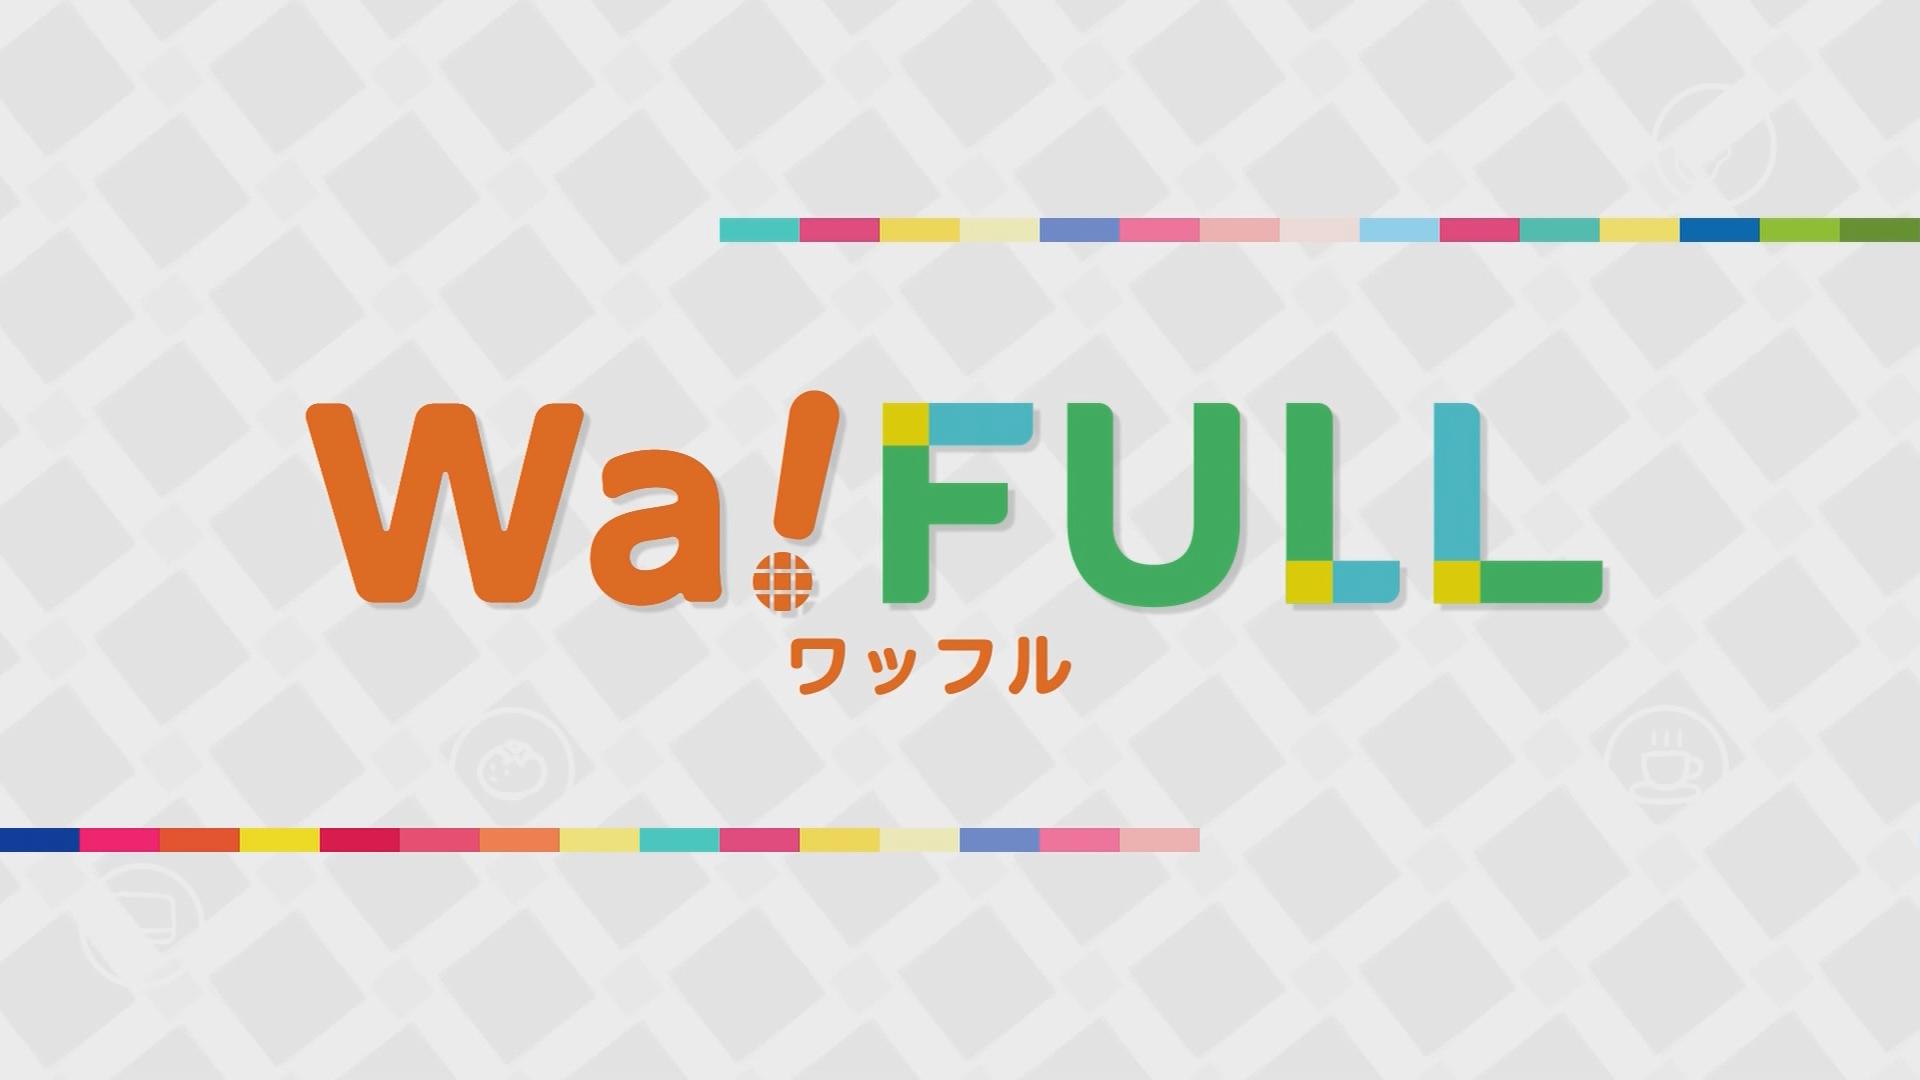 Wa!FULL